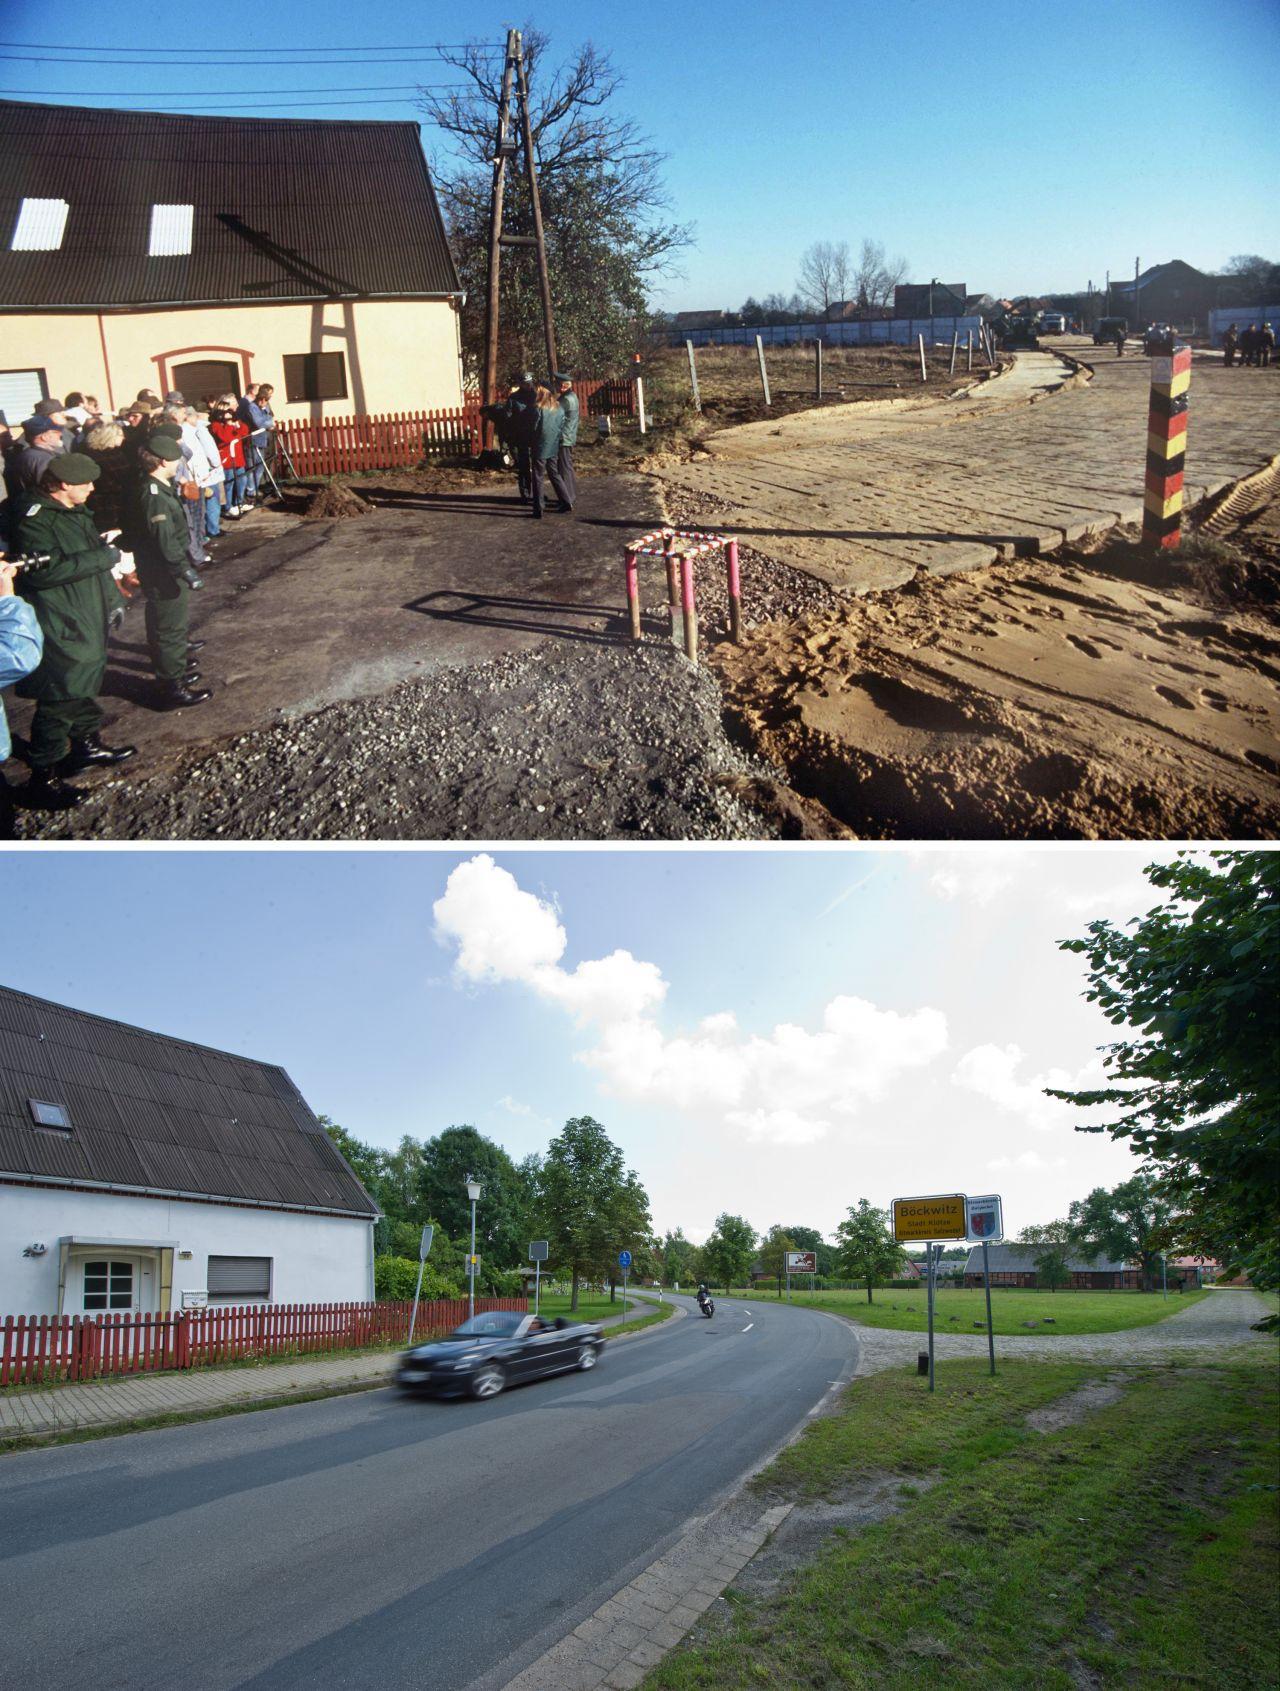 Oben: Die Gründung der DDR riss das Doppeldorf Zicherie-Böckwitz auseinander. Zicherie gehörte zur BRD, Böckwitz zur DDR. Unten: Wo einst die Grenze war, ist heute eine Straße.